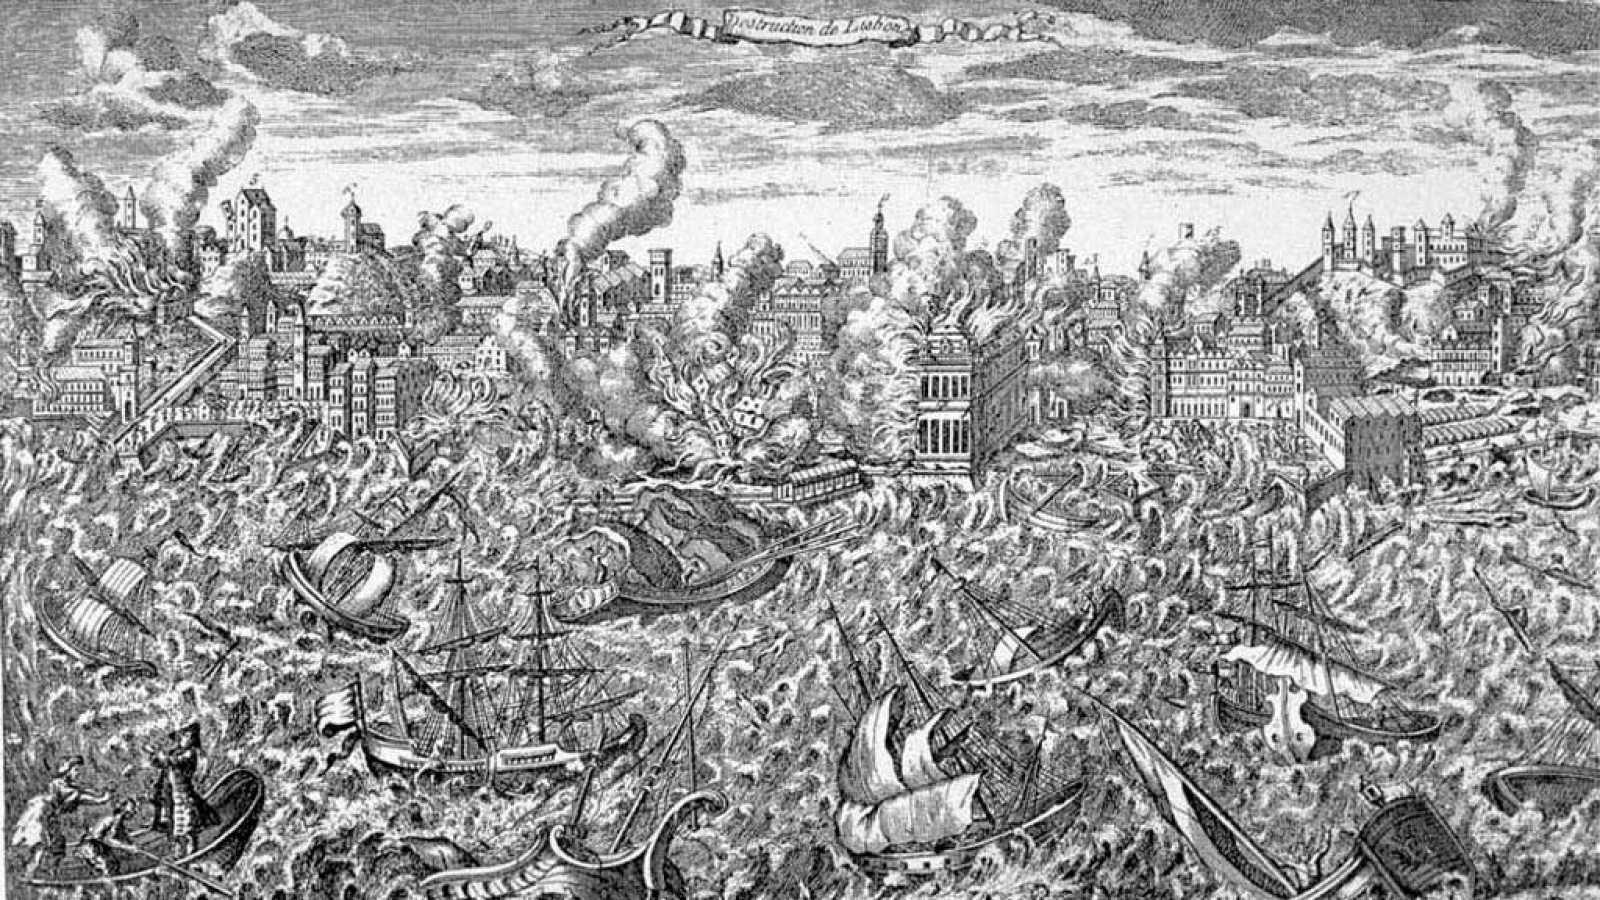 Documentos RNE - El terremoto de Lisboa: tinieblas en el Siglo de las Luces - 11/03/17 - escuchar ahora